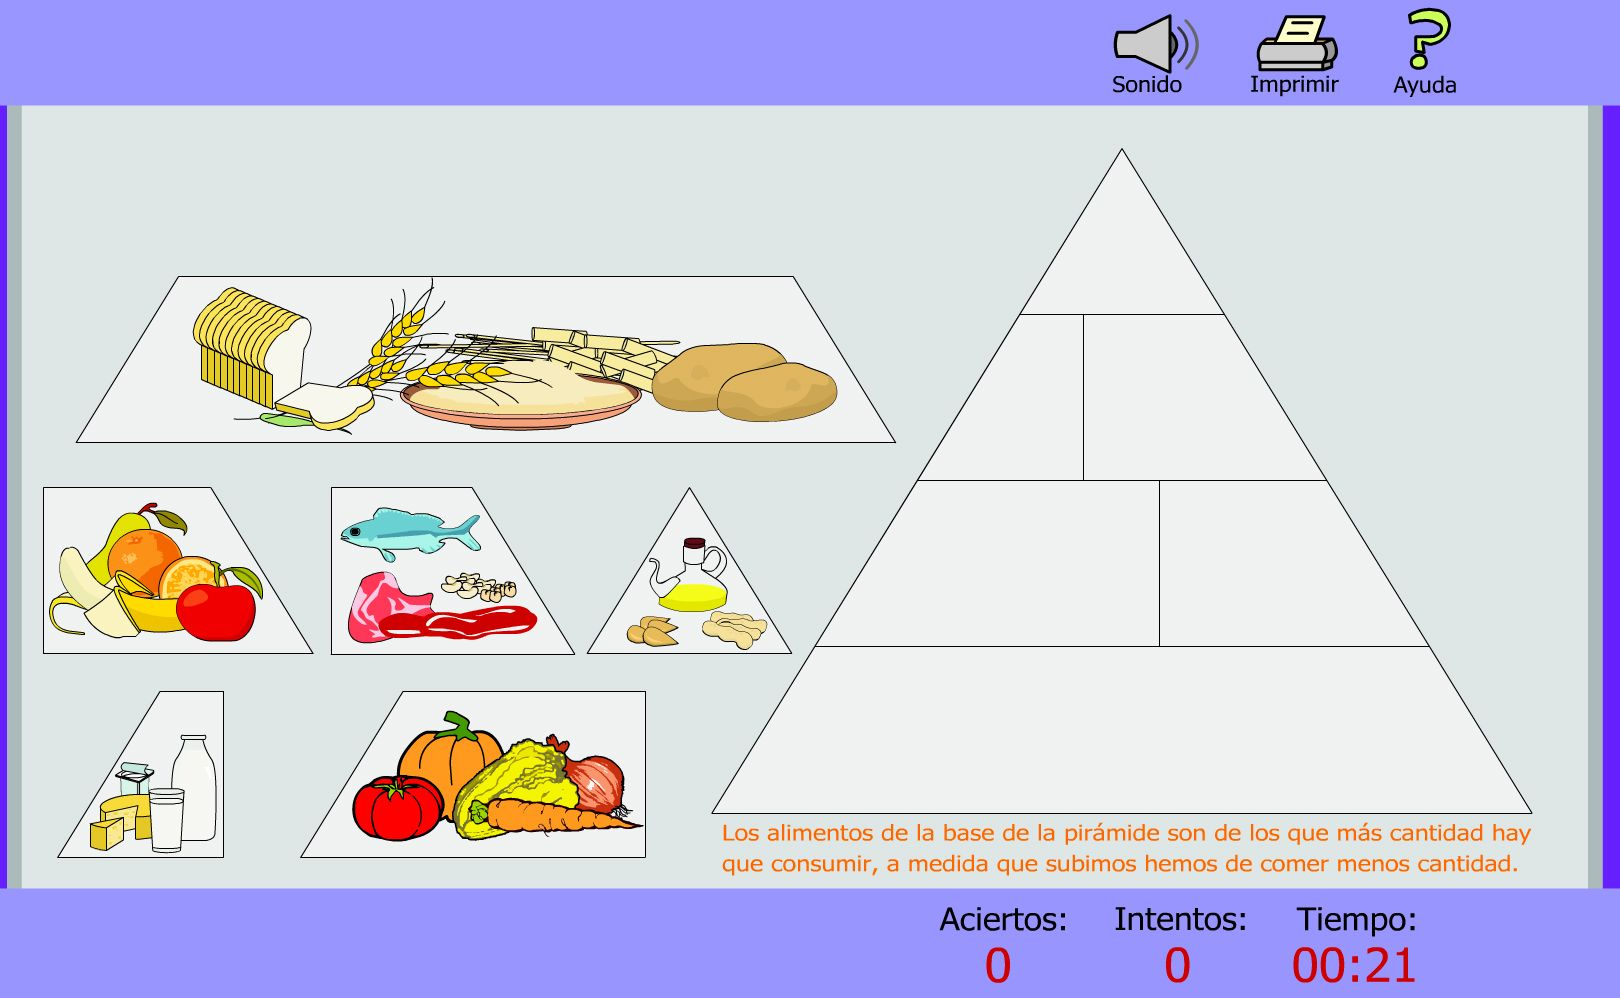 Recurso Educativo En Abierto Procomún Conoce La Pirámide Alimenticia Para Tener Una Alimentación Saludable La Piramide Pirámide Curso De Mecanica Automotriz